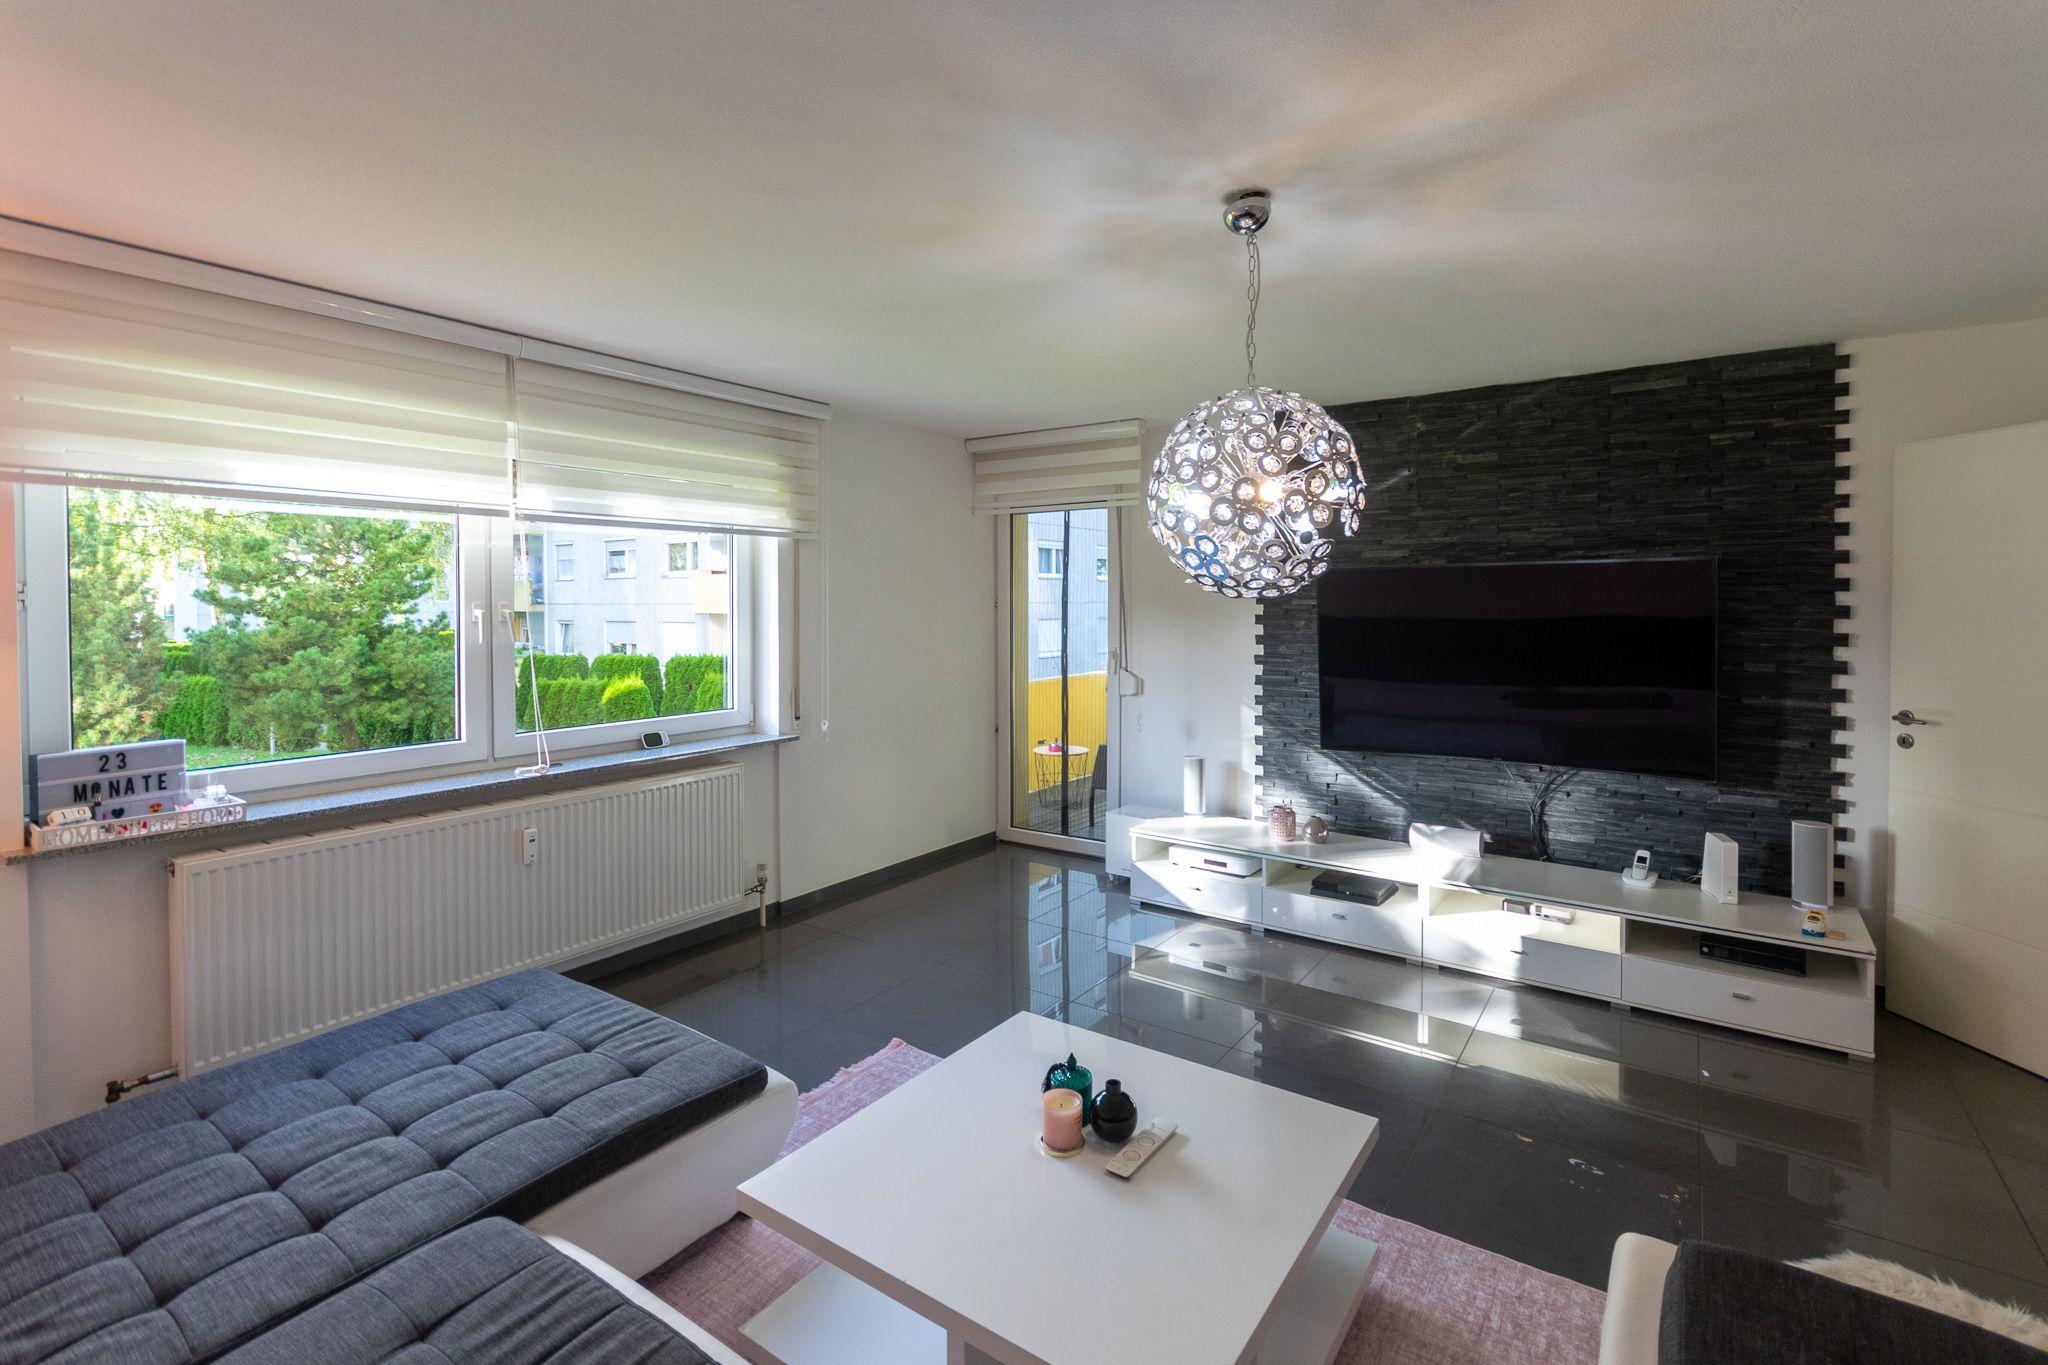 Kurzfristig Beziehbar Hochwertig Renovierte Wunderschone 4 5 Zimmer Wohnung In Baienfurt Sehr Gepflegt U 5 Zimmer Wohnung 2 Zimmer Wohnung Wohnung